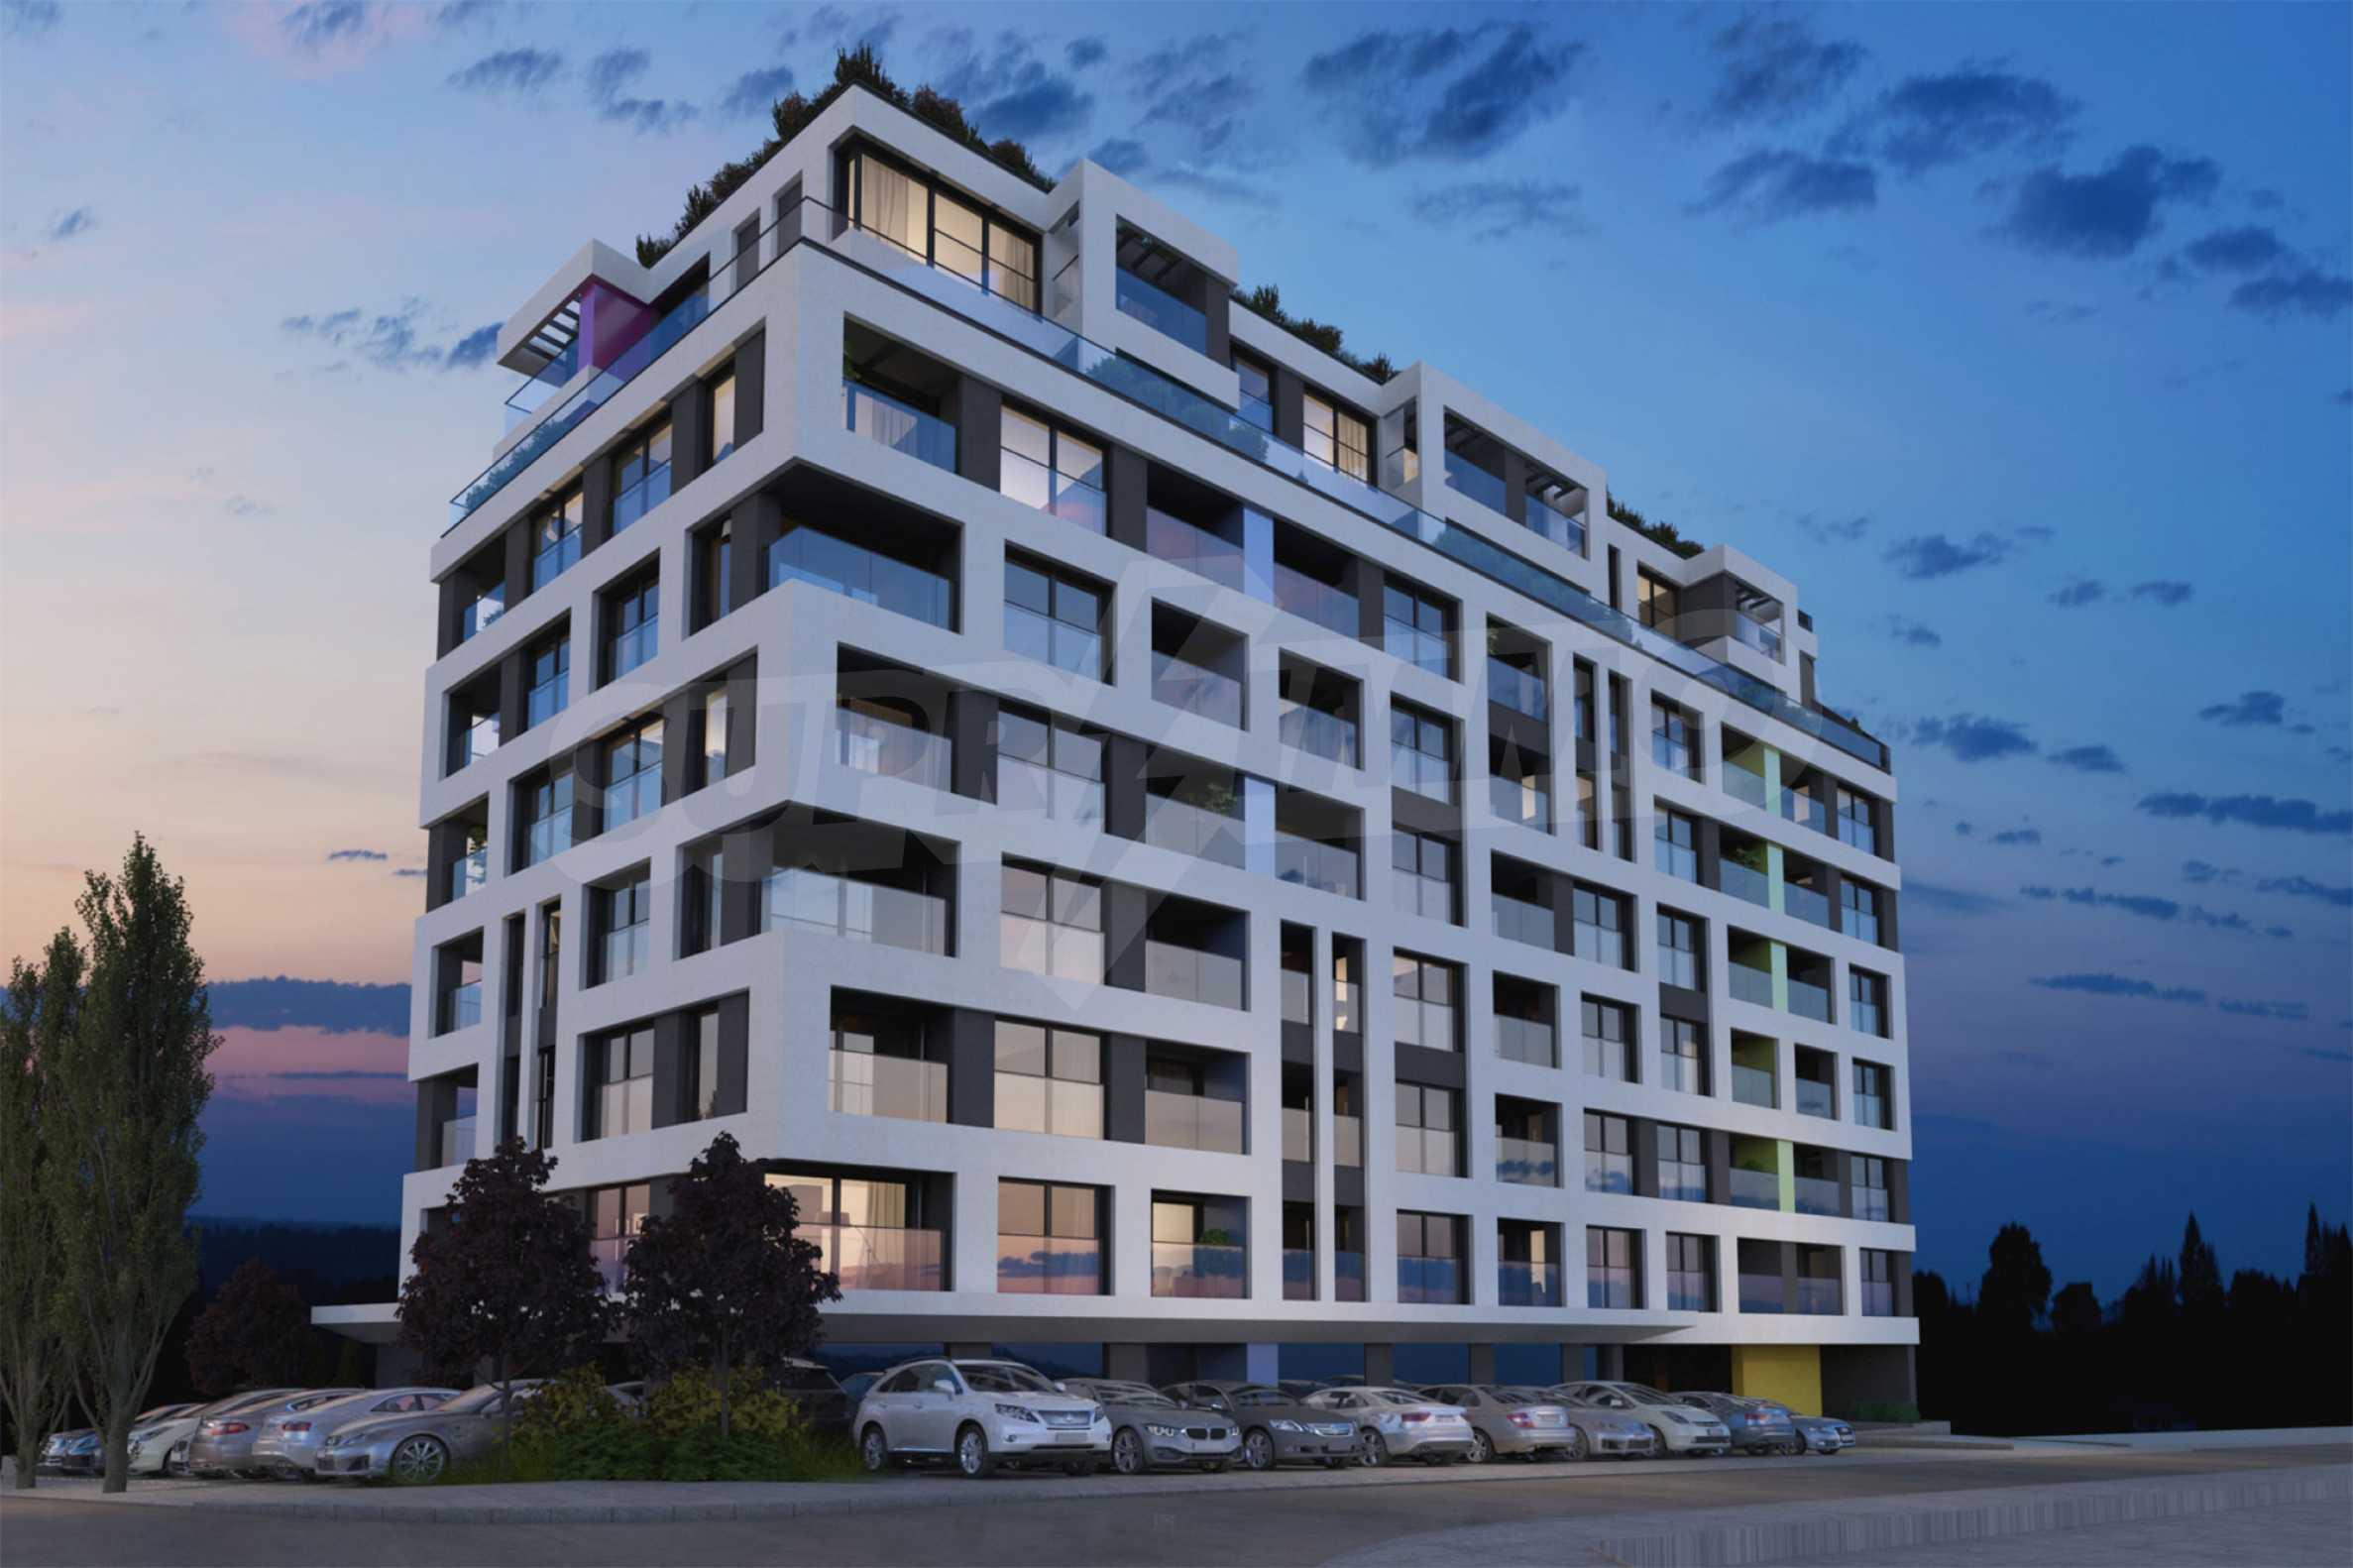 Neues Wohngebäude mit Büros und Geschäften in der Nähe von NBU zu PROMO-Preisen 1